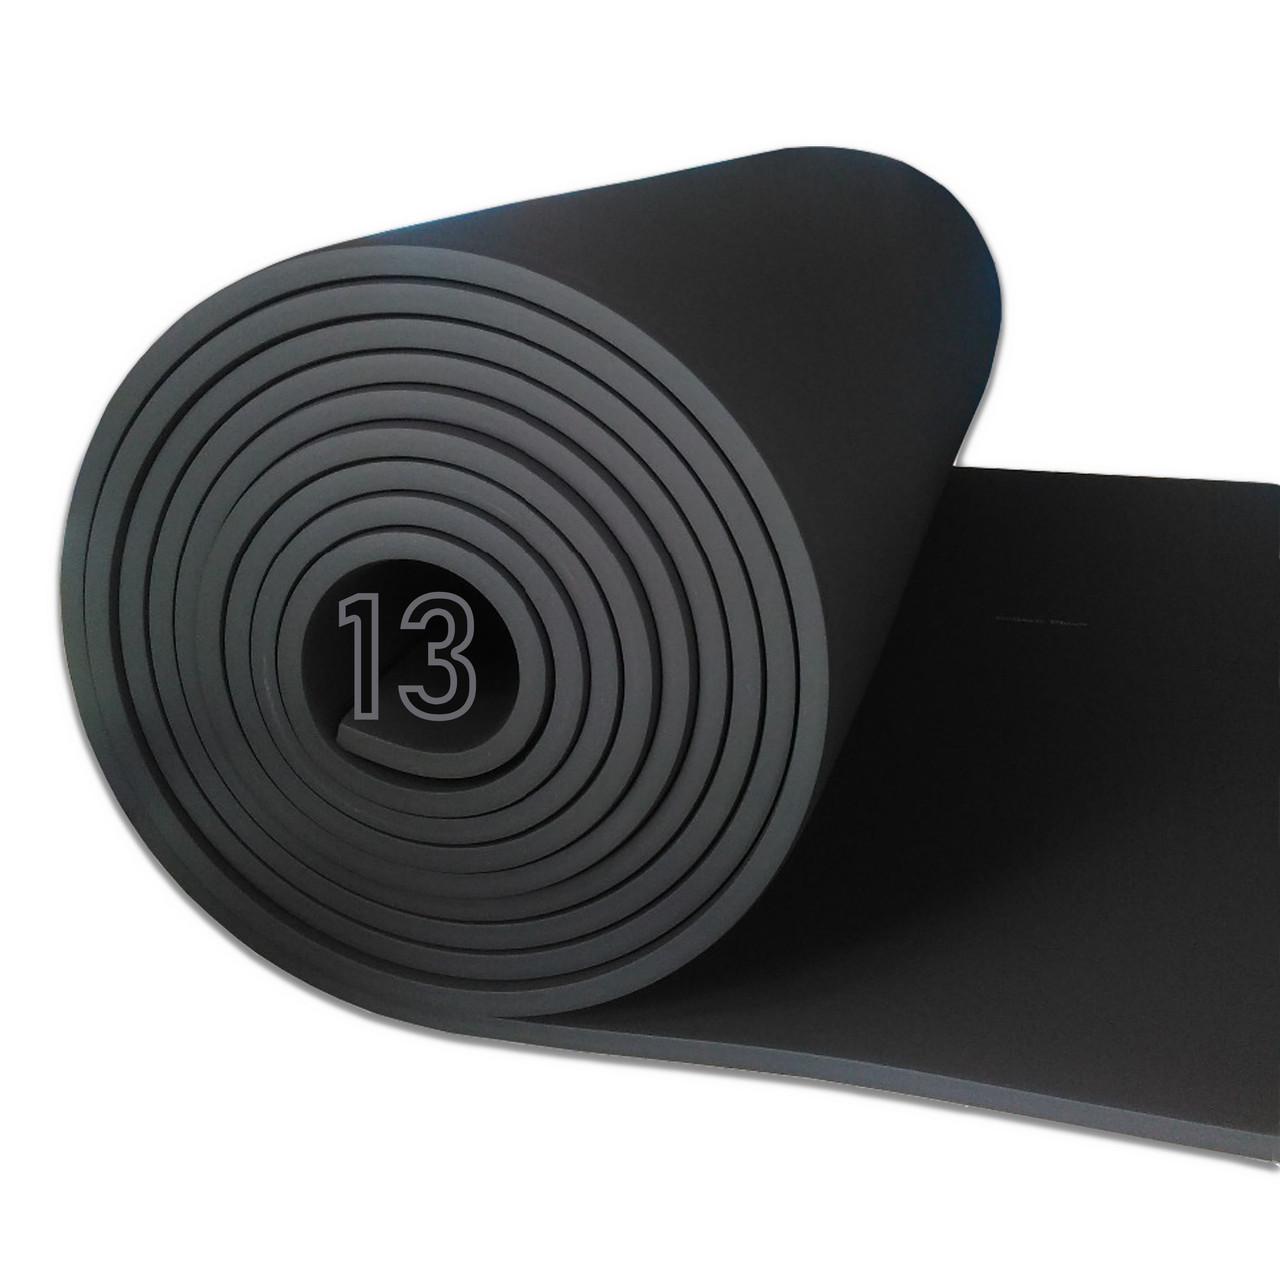 Вспененный каучук 13 мм (утеплитель, шумоизоляция)